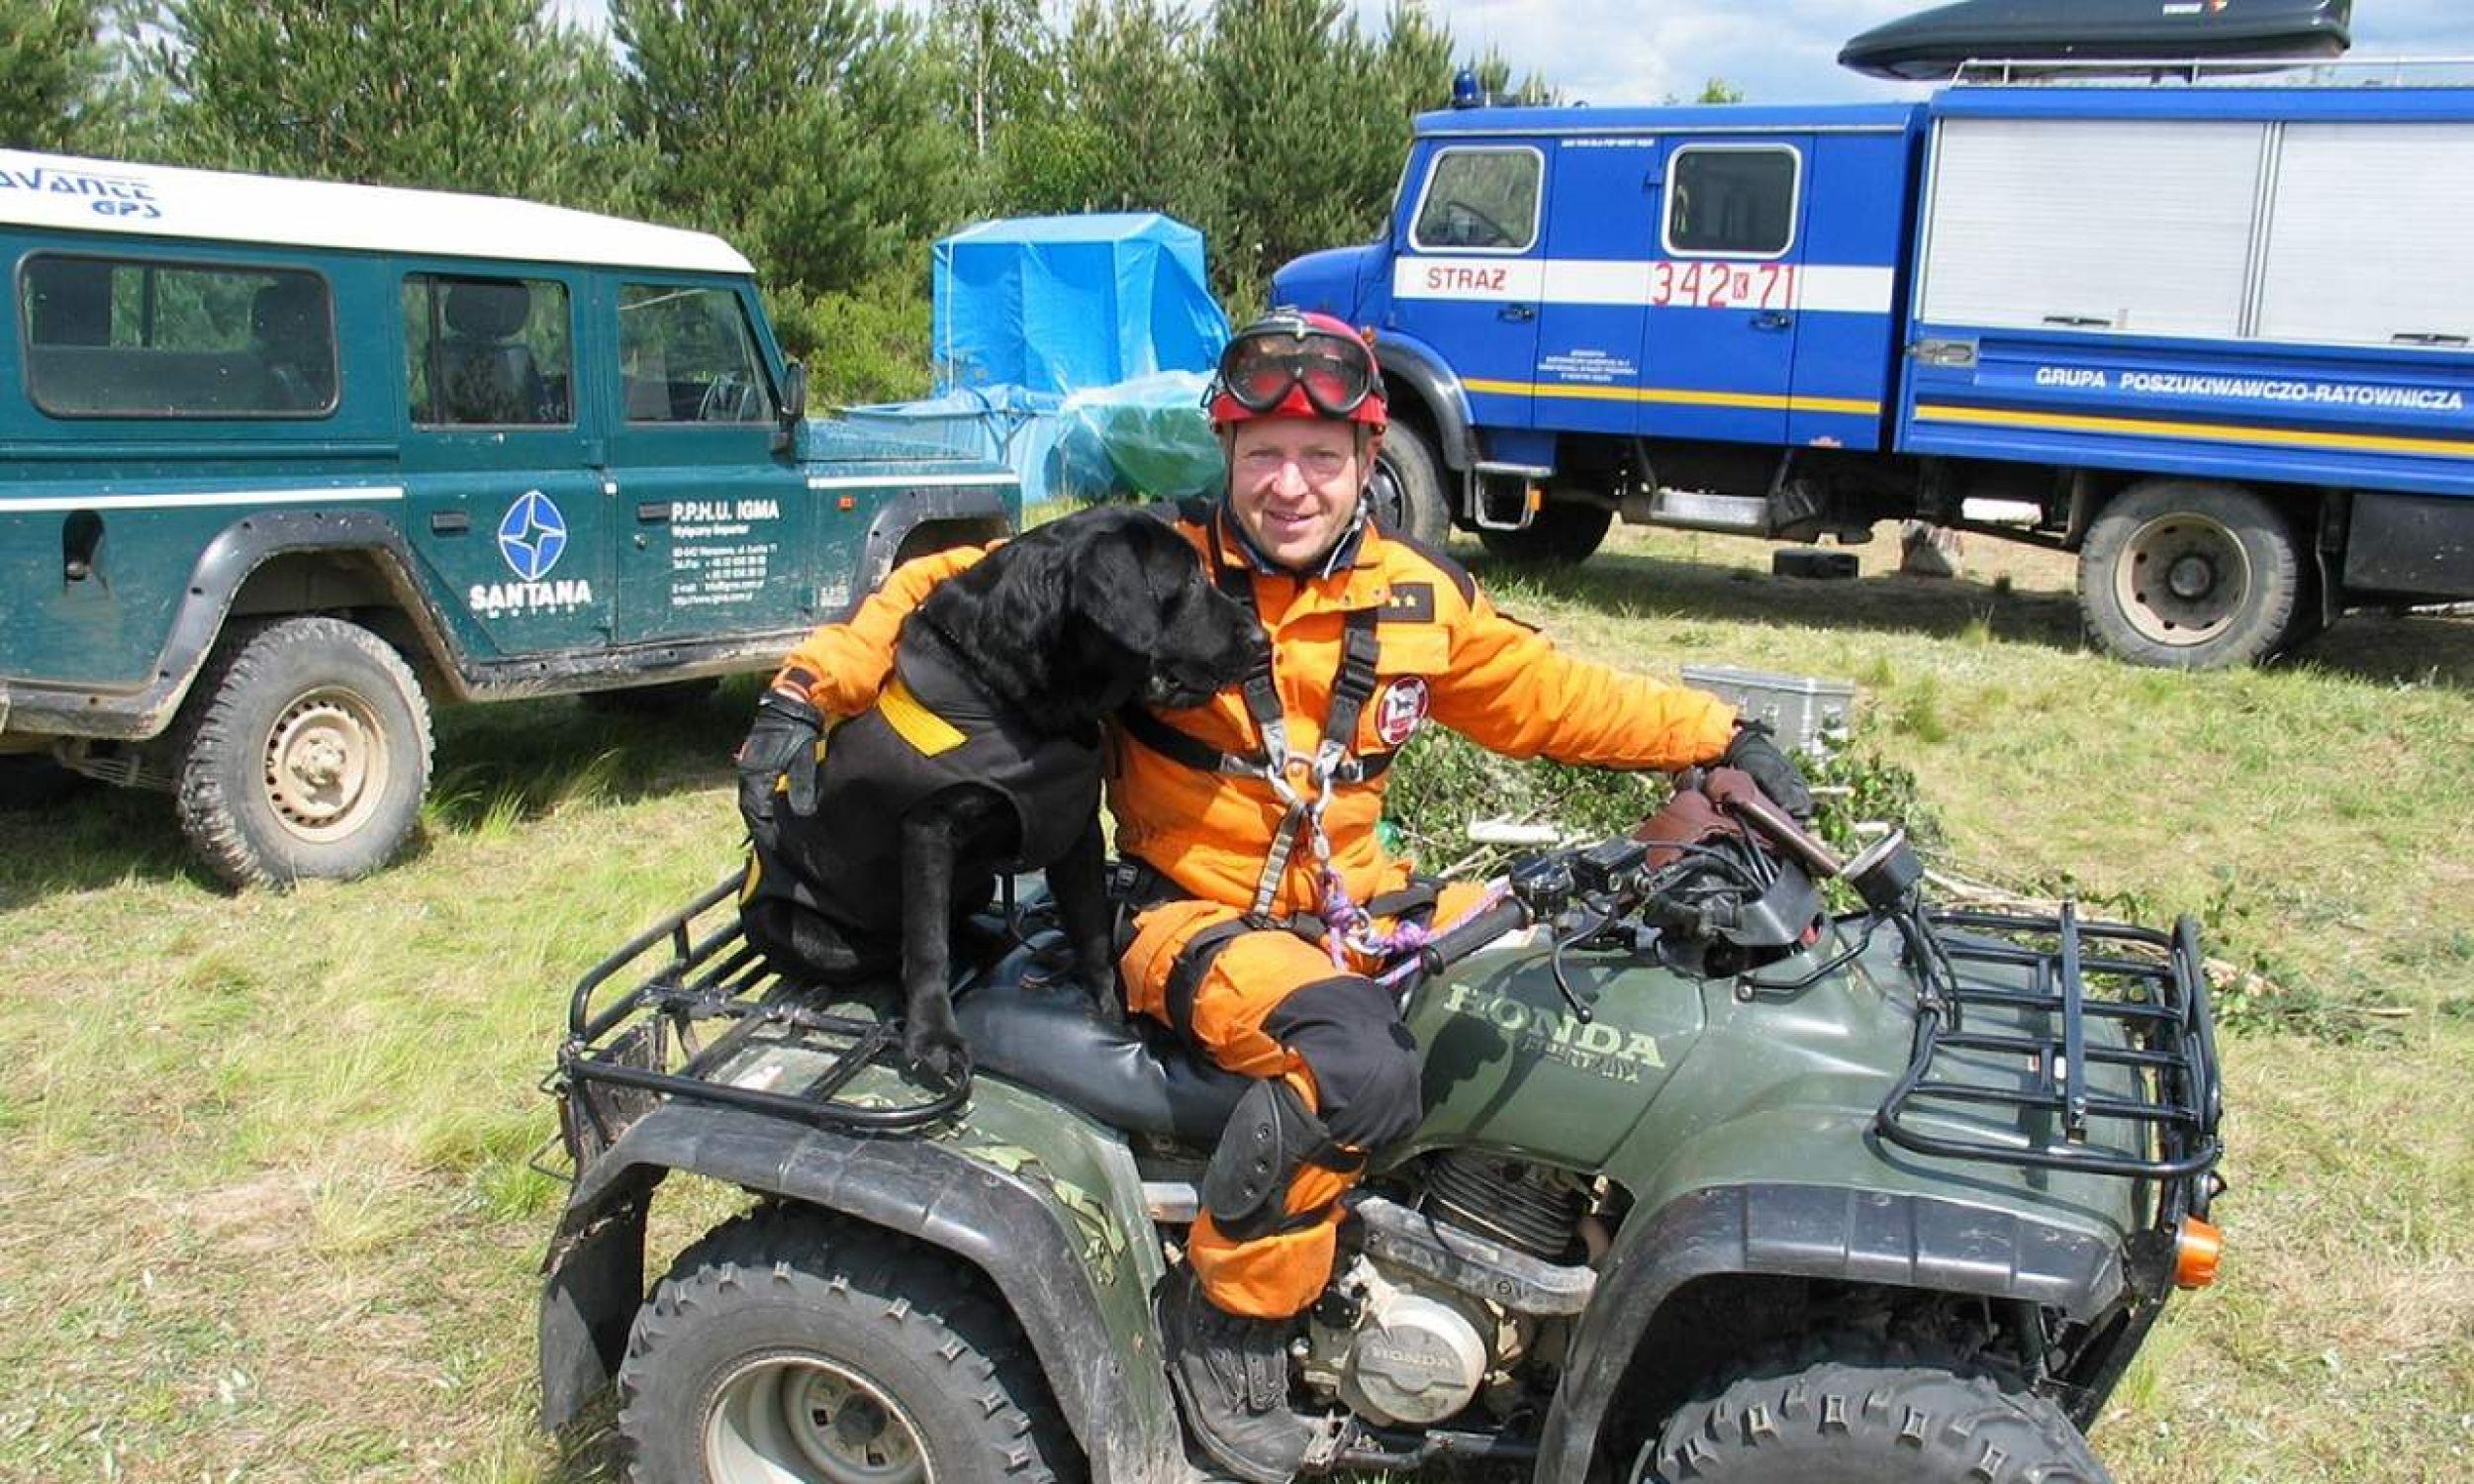 Gary wraz ze swoim panem Krzysztofem Grucą brał udział w 50 akcjach poszukiwawczych ludzi zaginionych, w terenie otwartym, w górach i na misjach. Fot. zbiór prywatny Krzysztofa Grucy